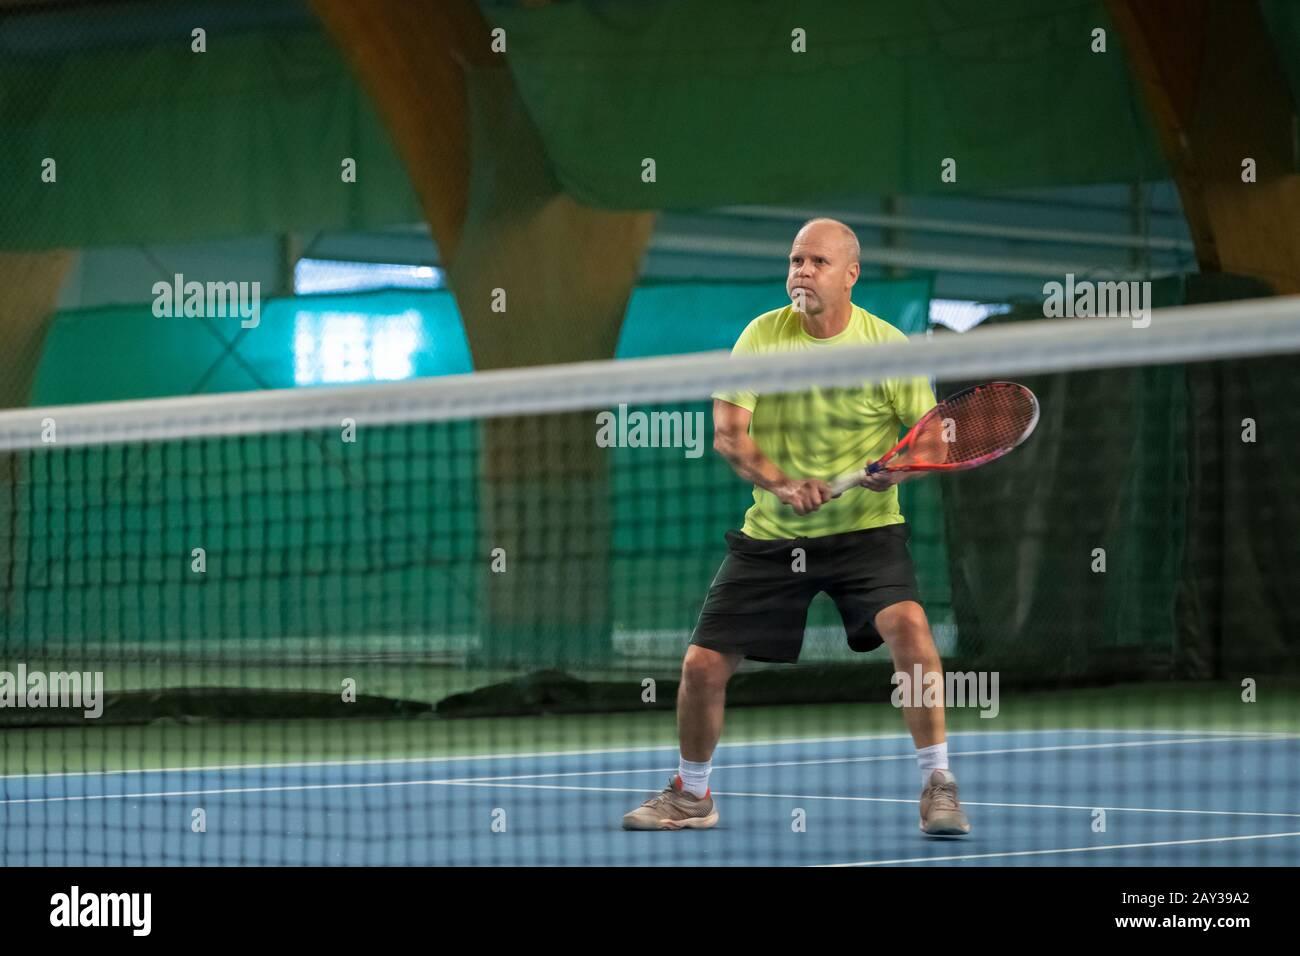 Hombre jugando al tenis Foto de stock